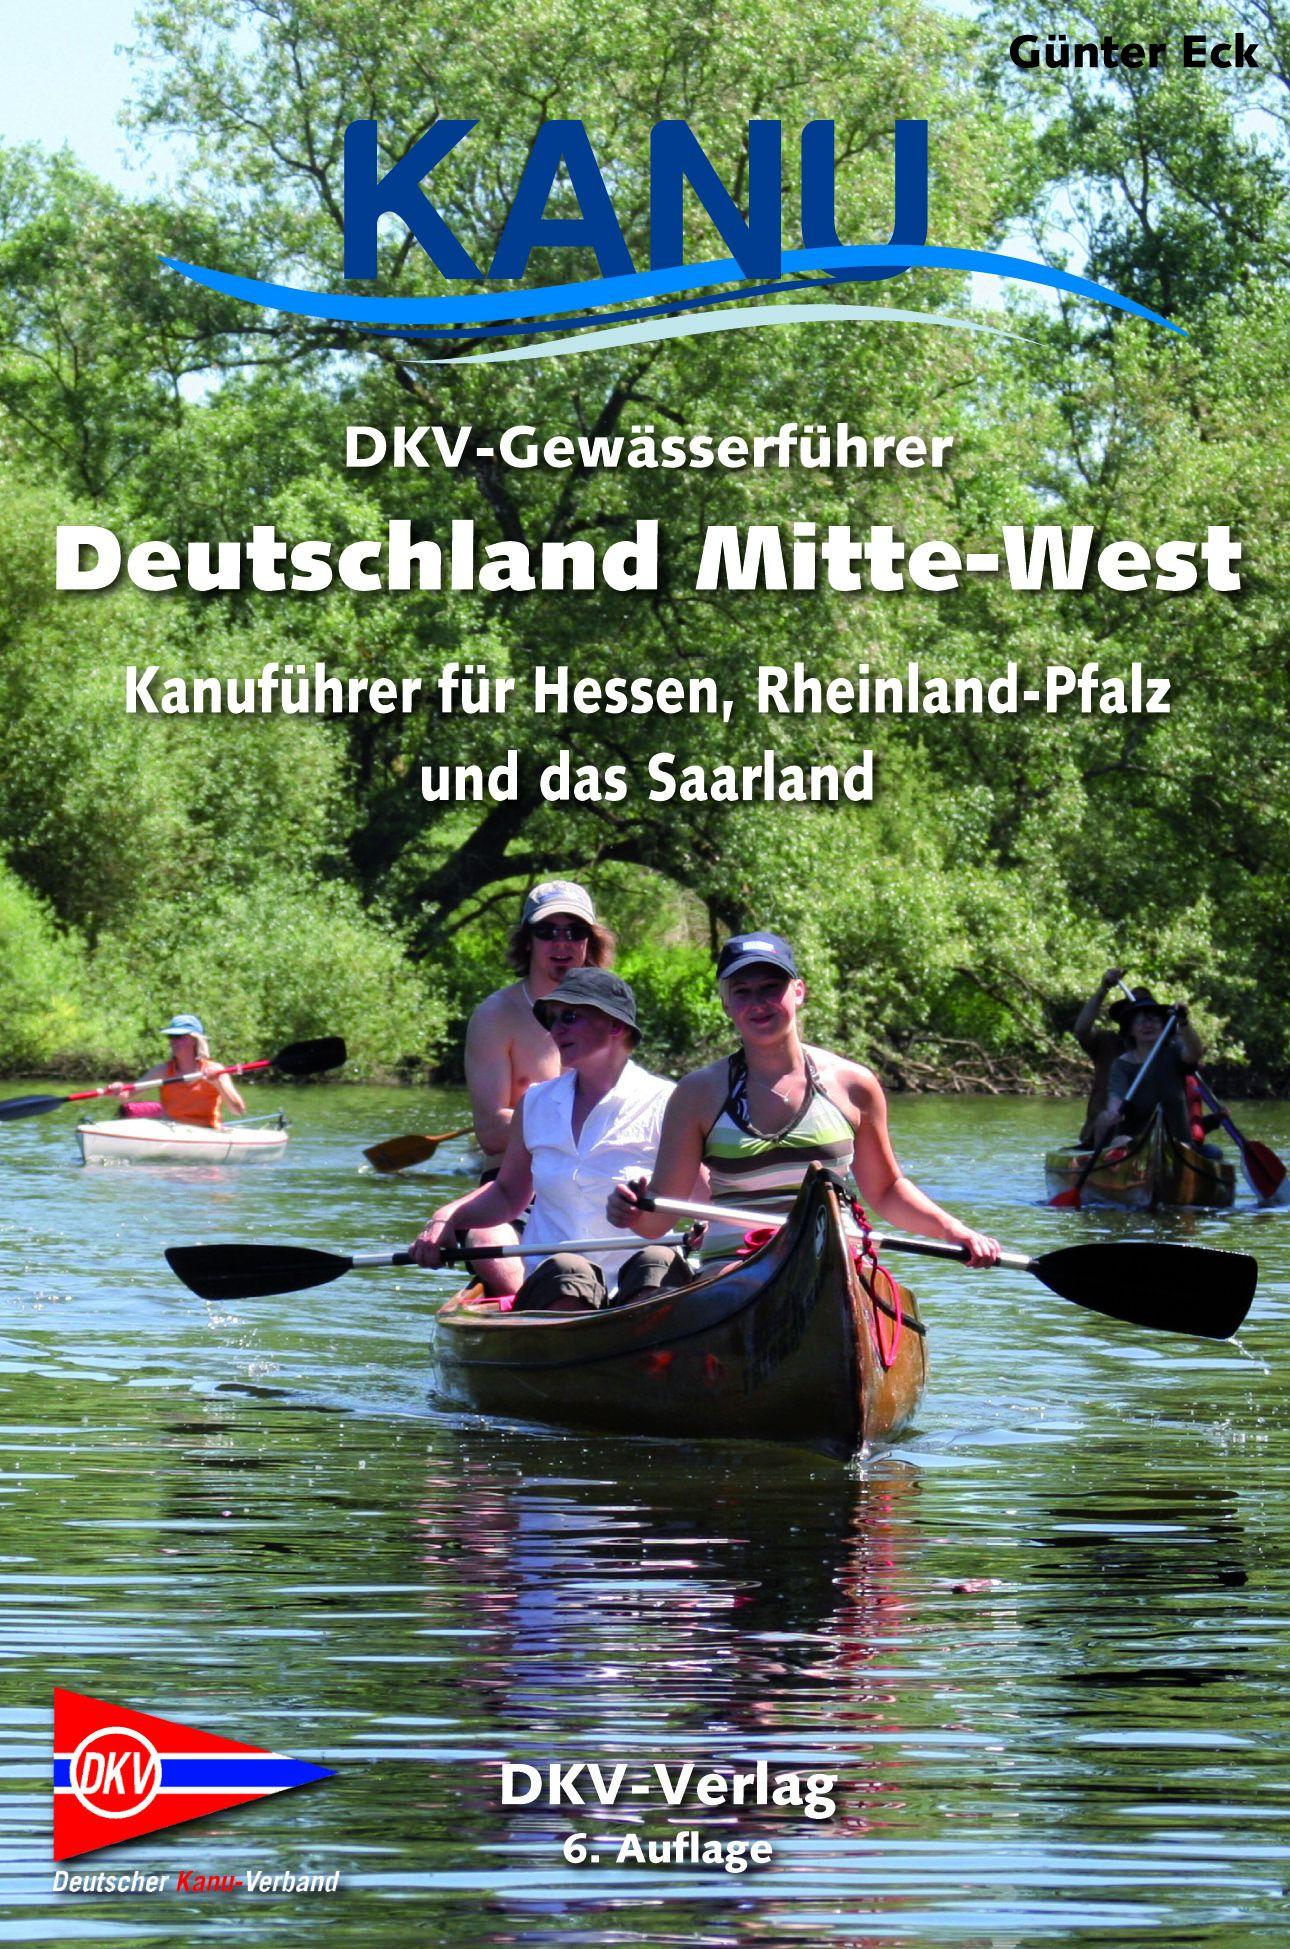 DKV-Gewässerführer MItte West